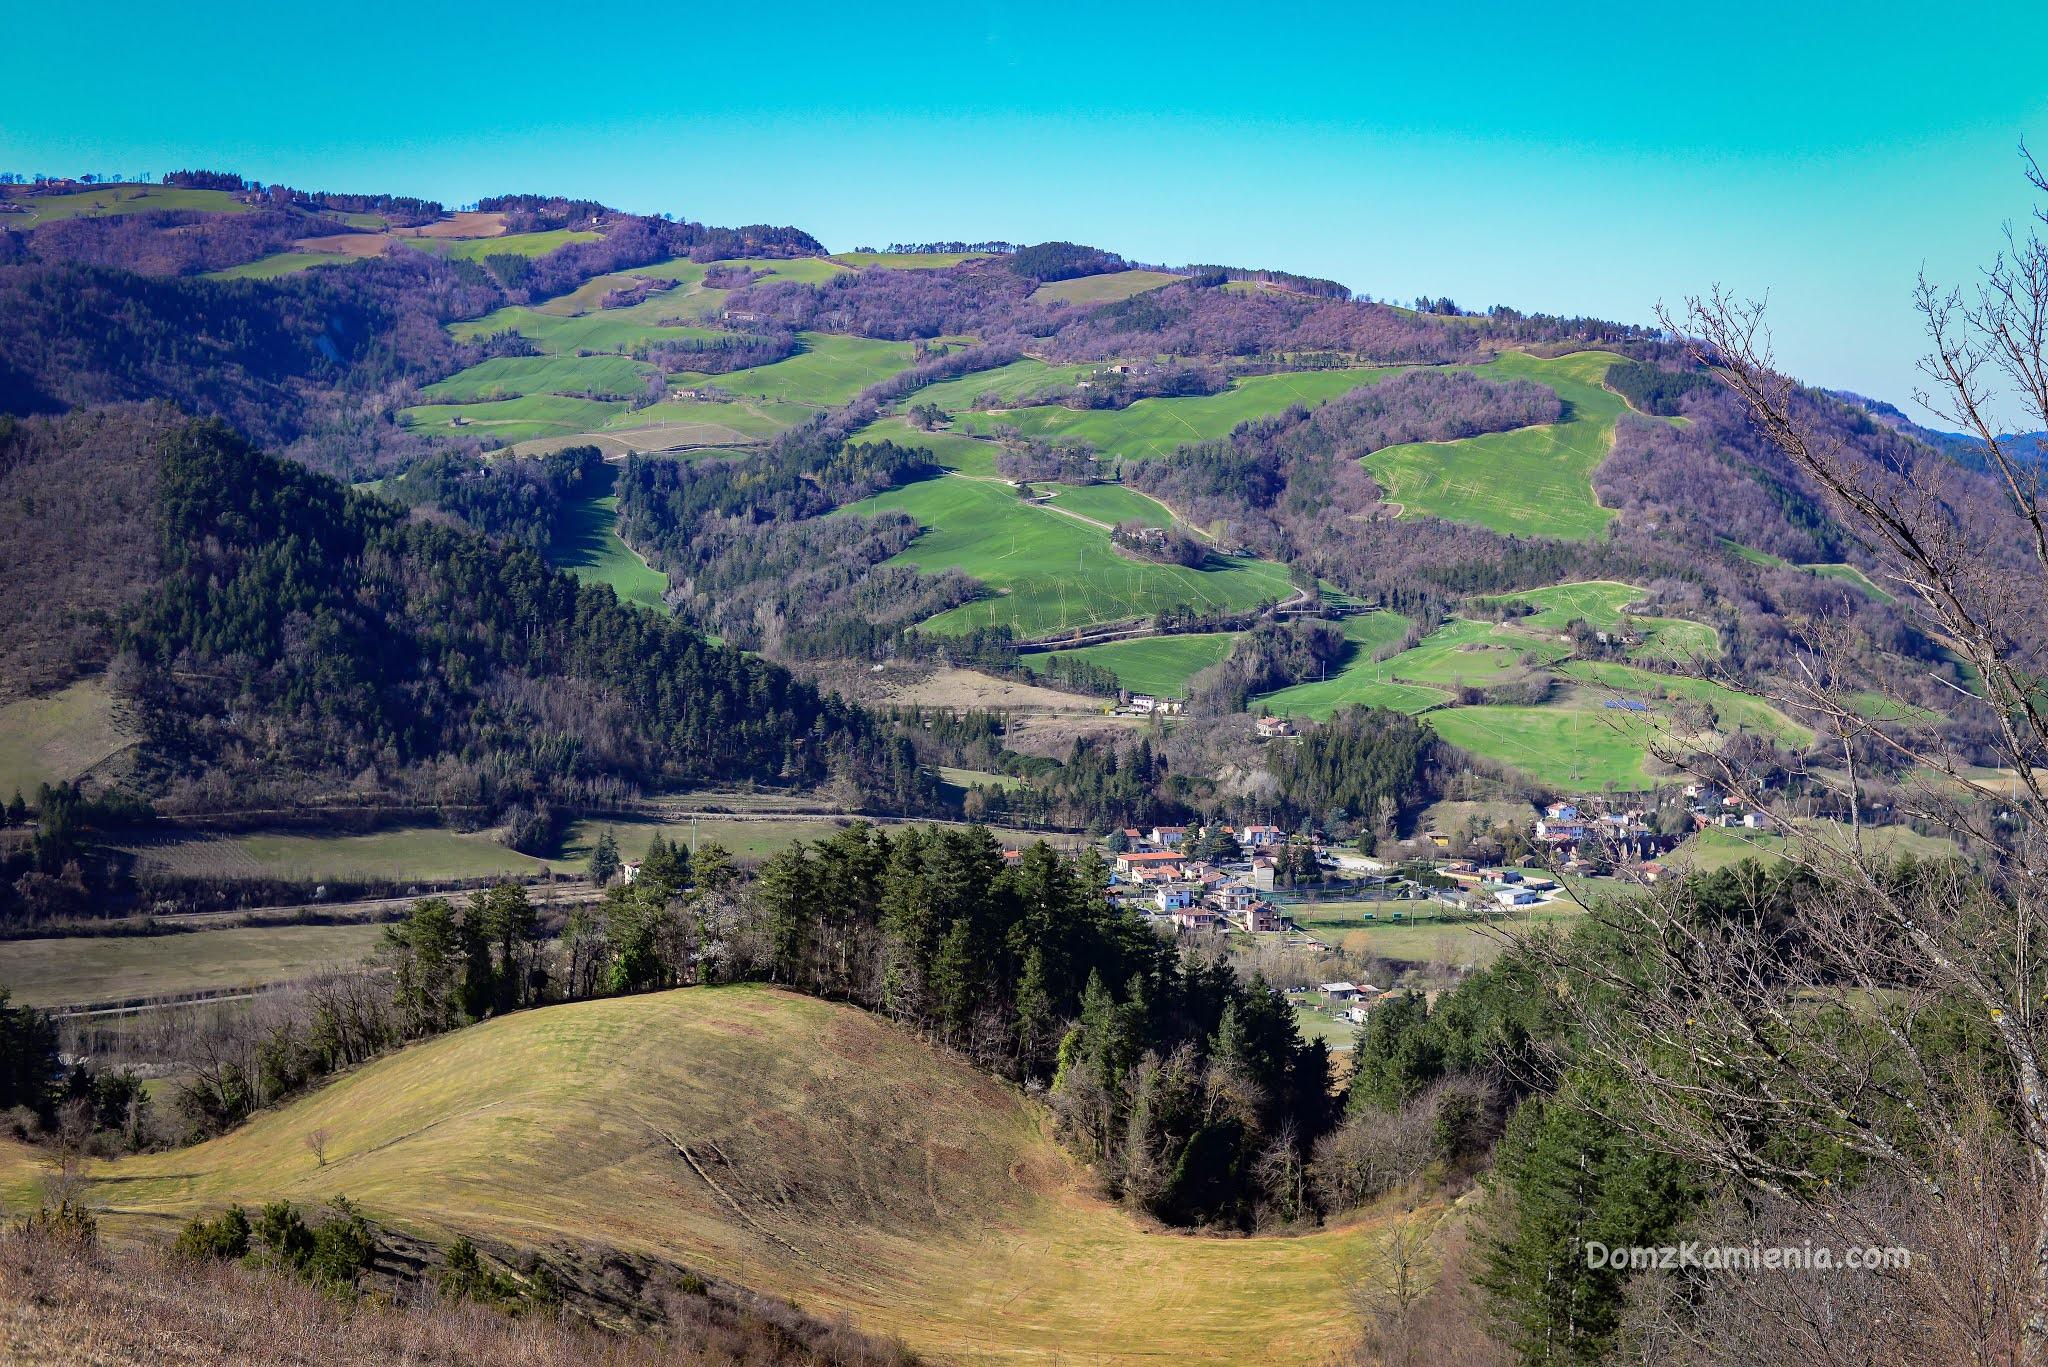 Marradi, Dom z Kamienia blog o życiu we Włoszech